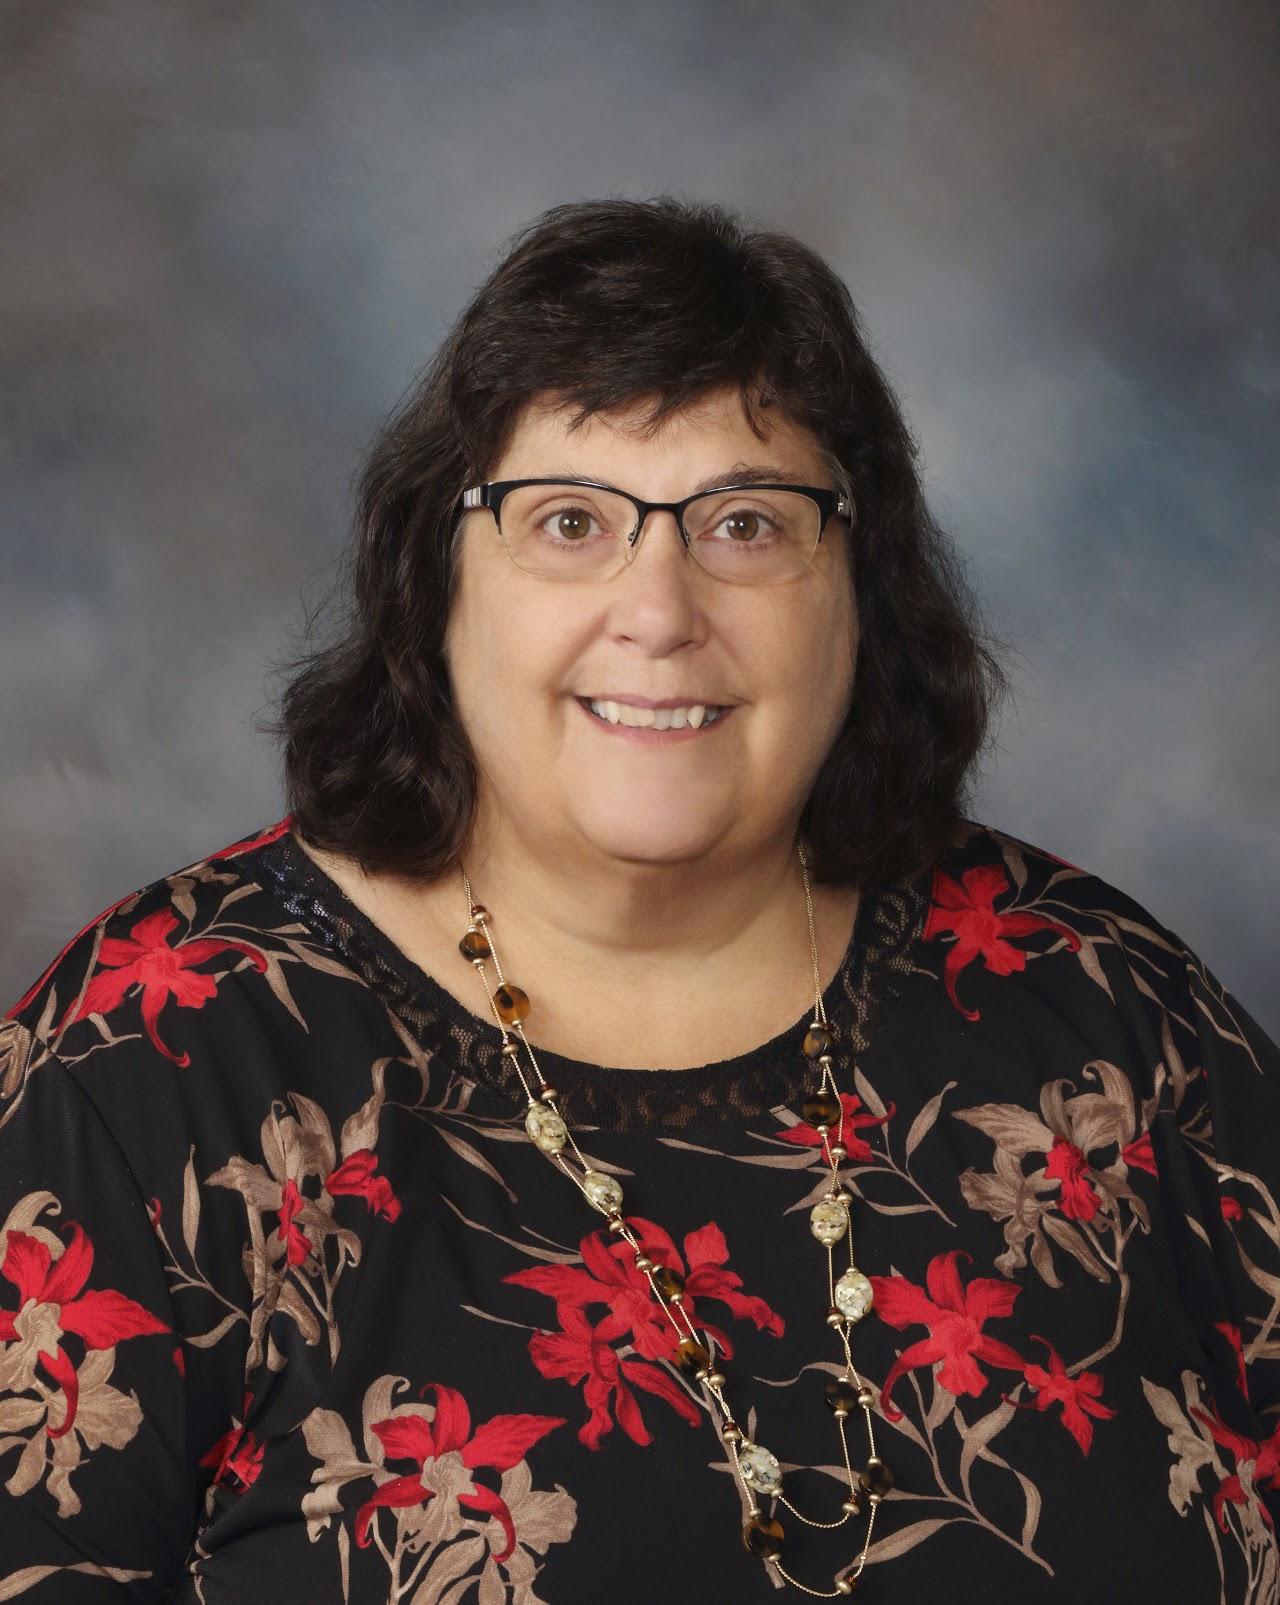 Lynne Yahne